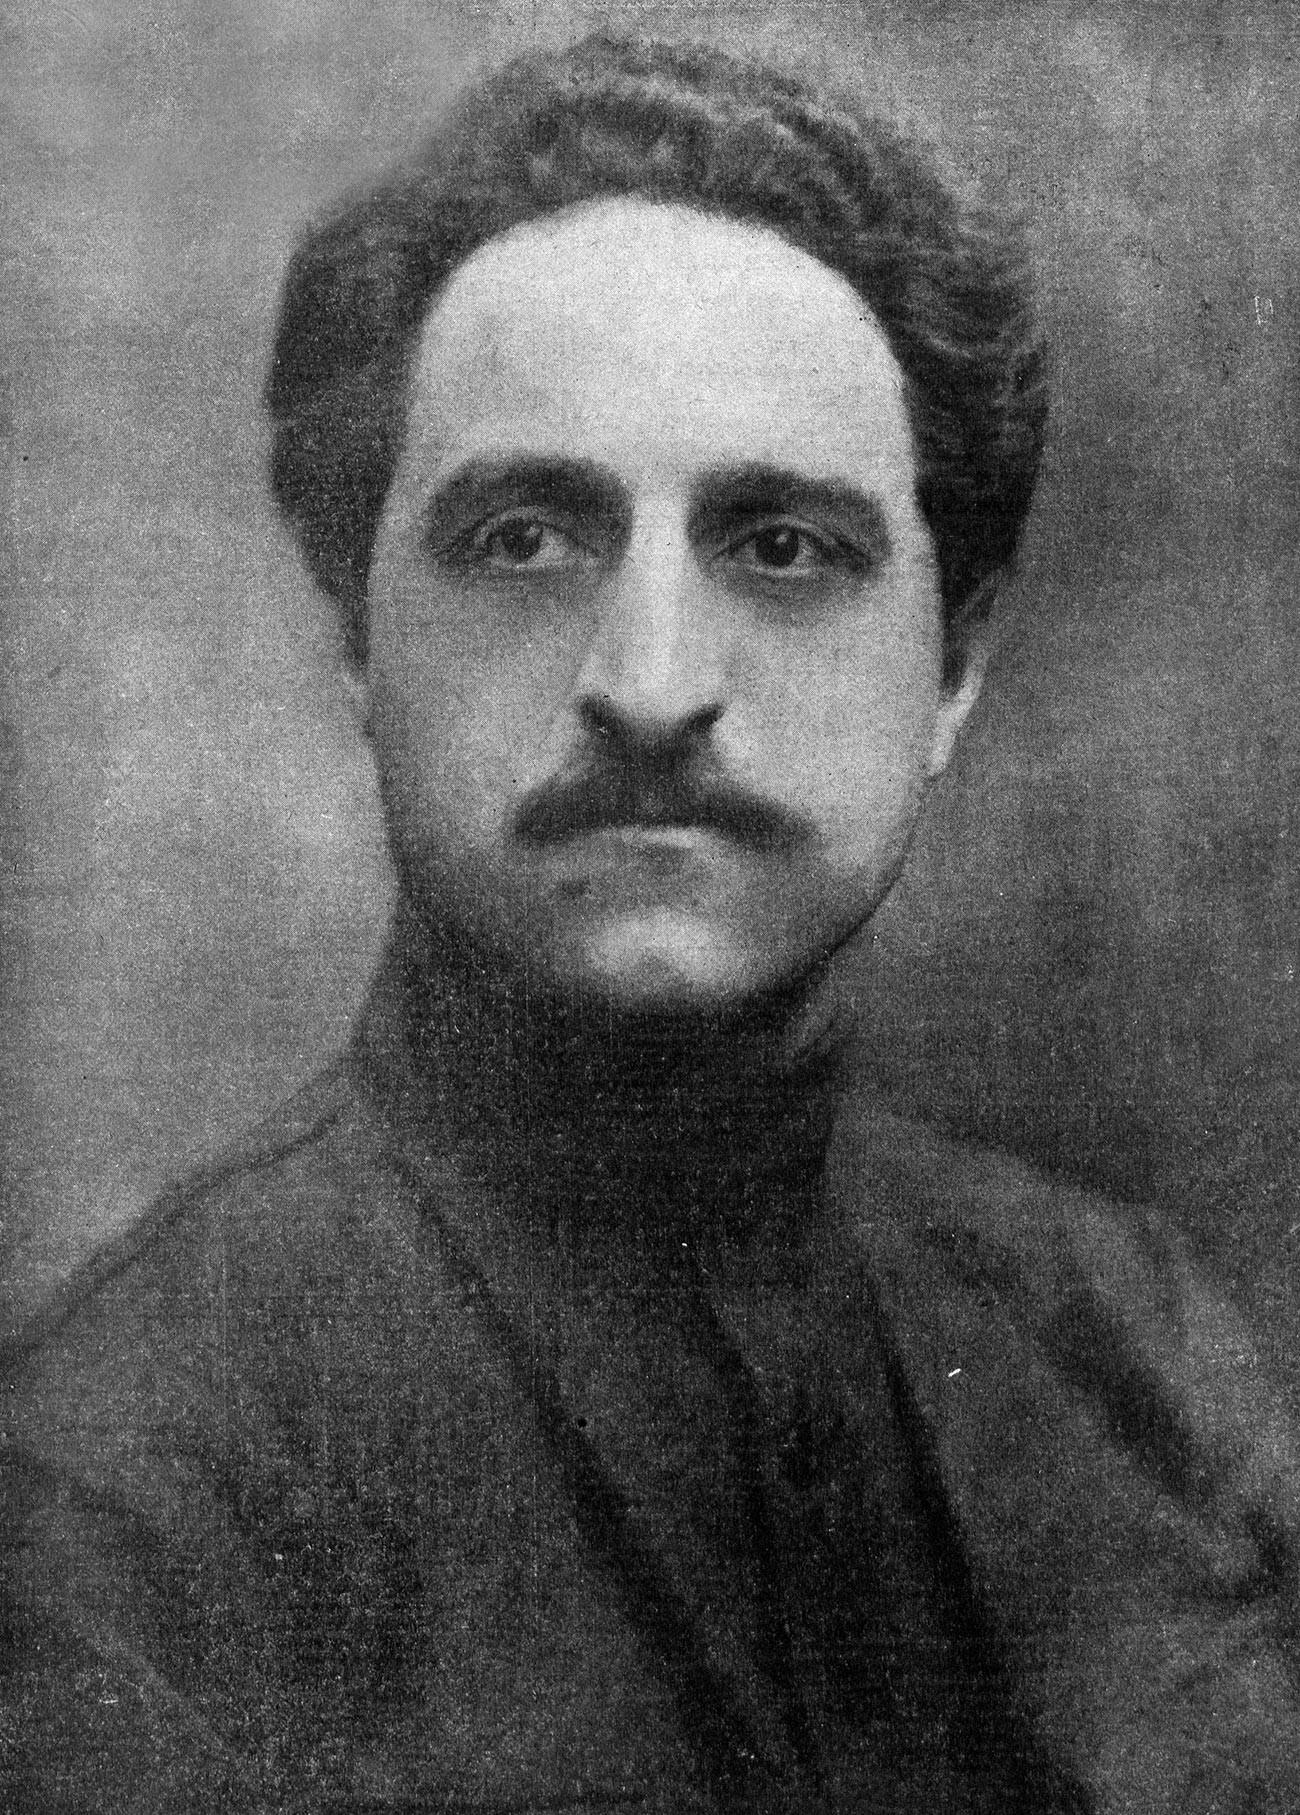 Grigory Ordjonikidze